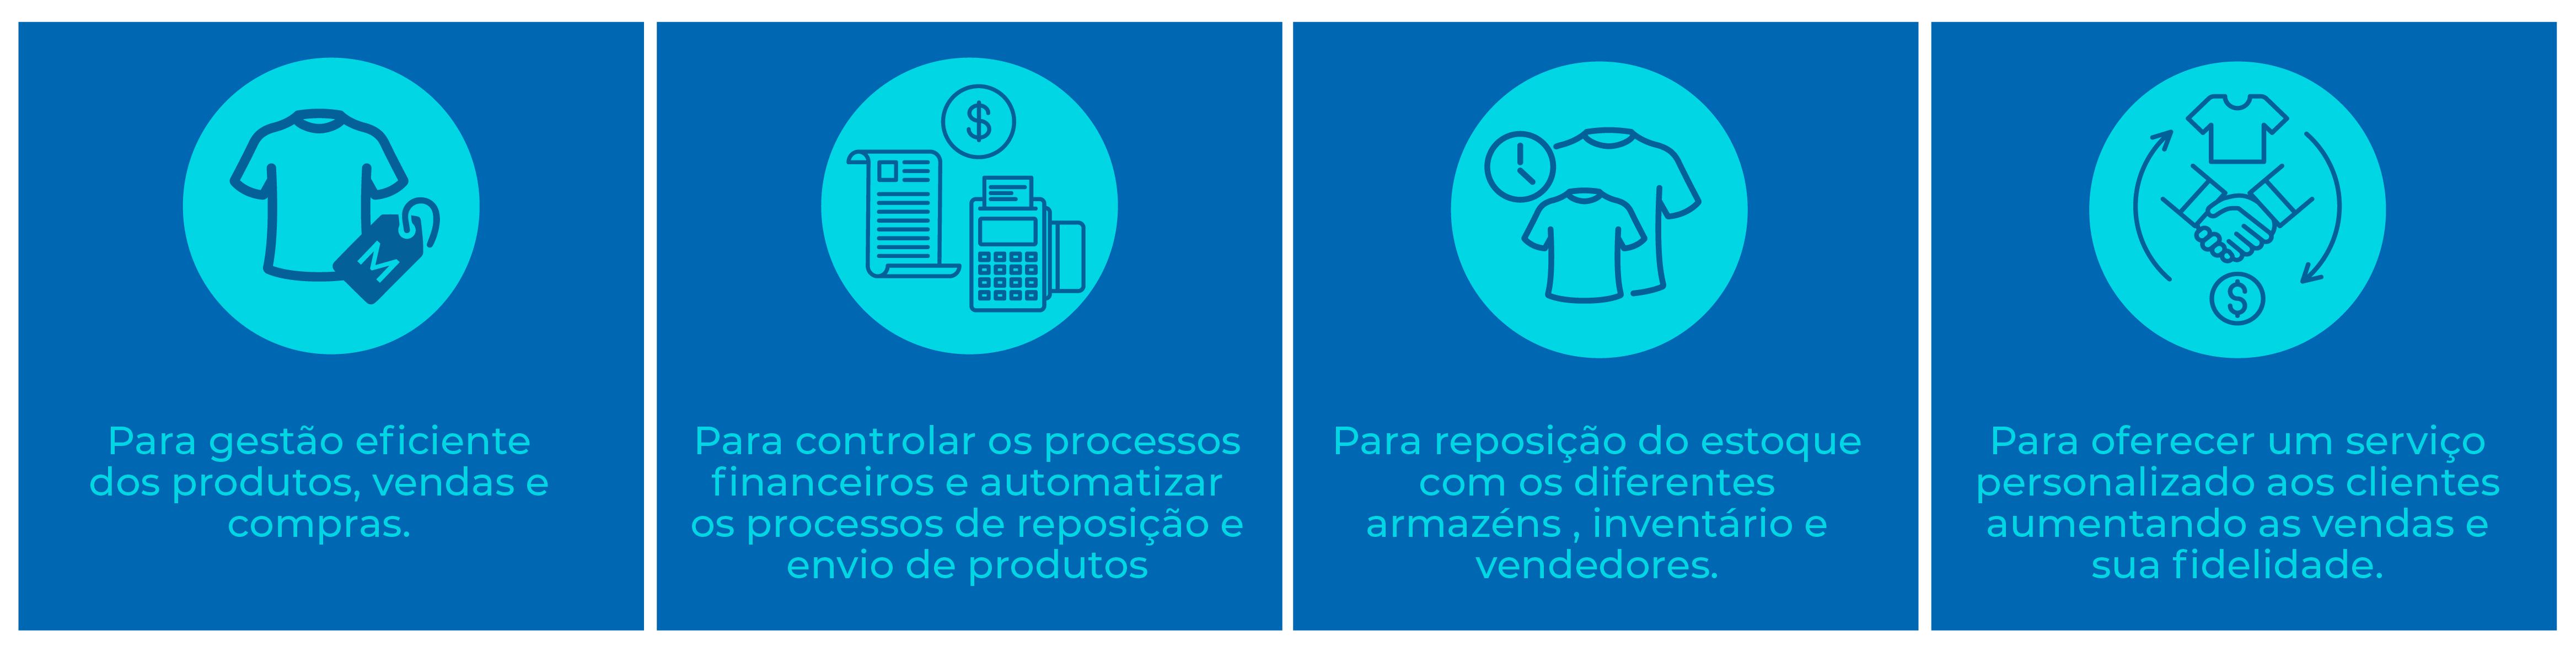 Iconografia Textil portuguese-01